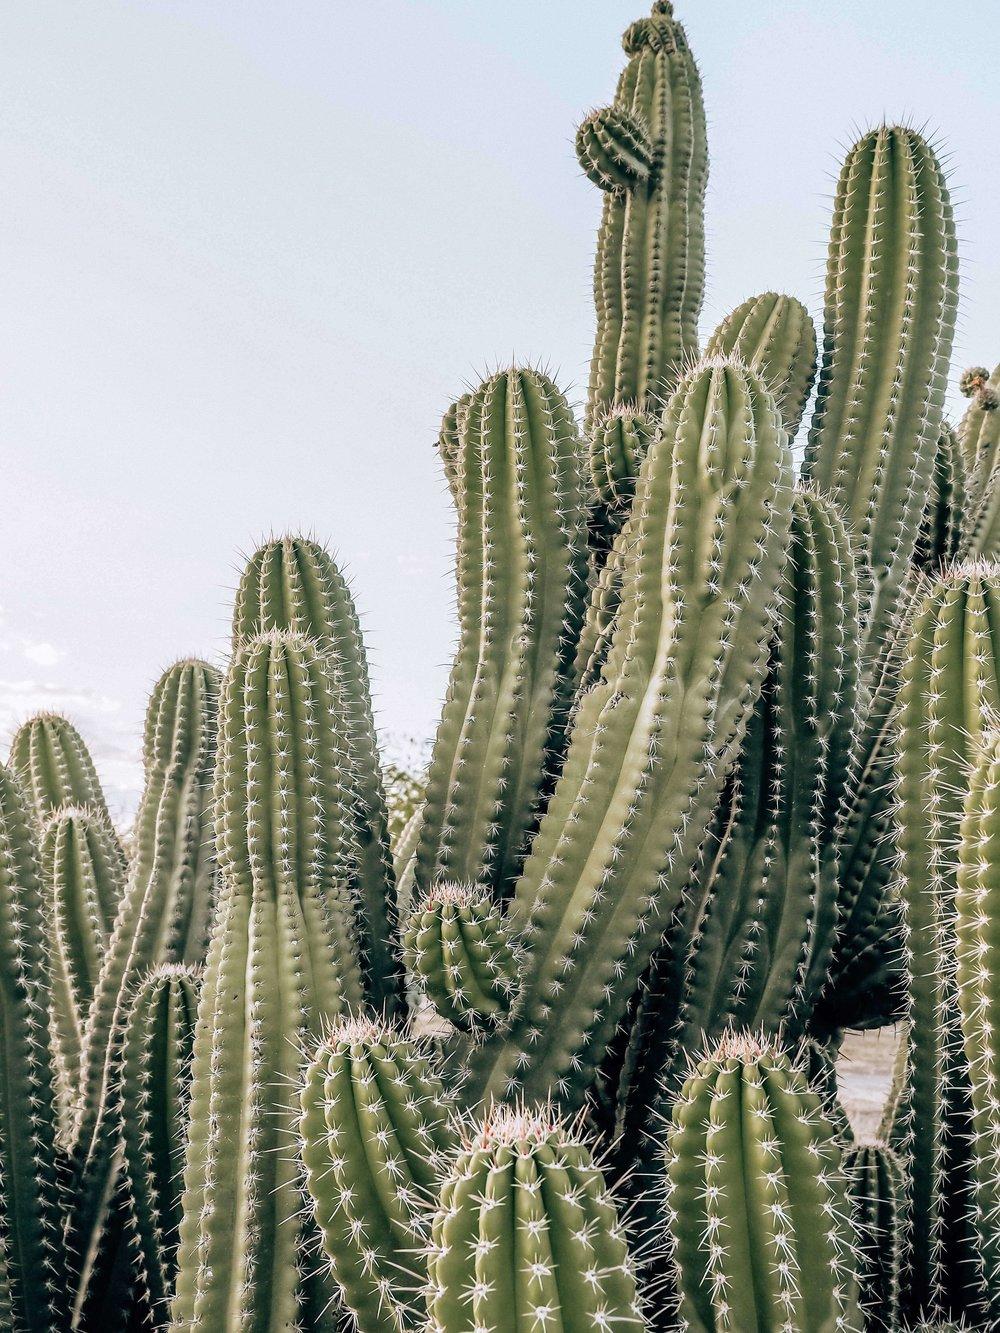 Oaxaca, Cactus, Mezcal Farm, Prints, Plant Magic